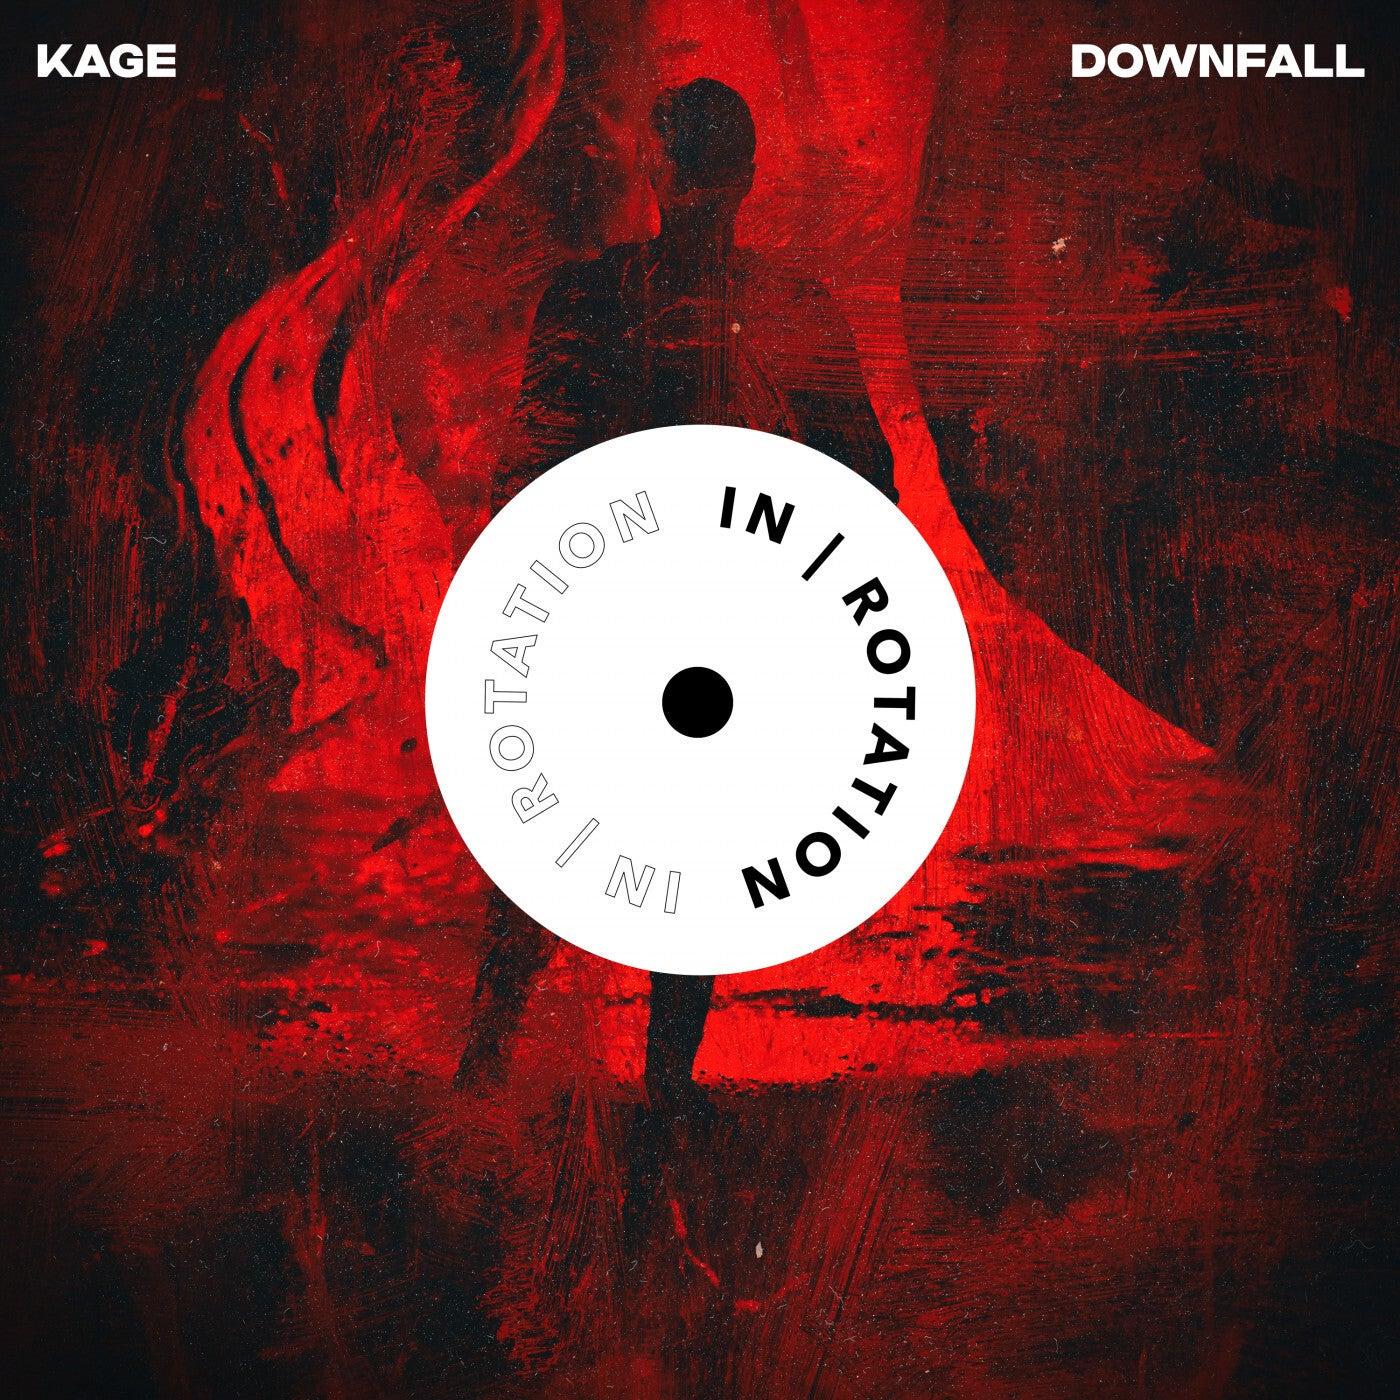 Downfall (Original Mix)